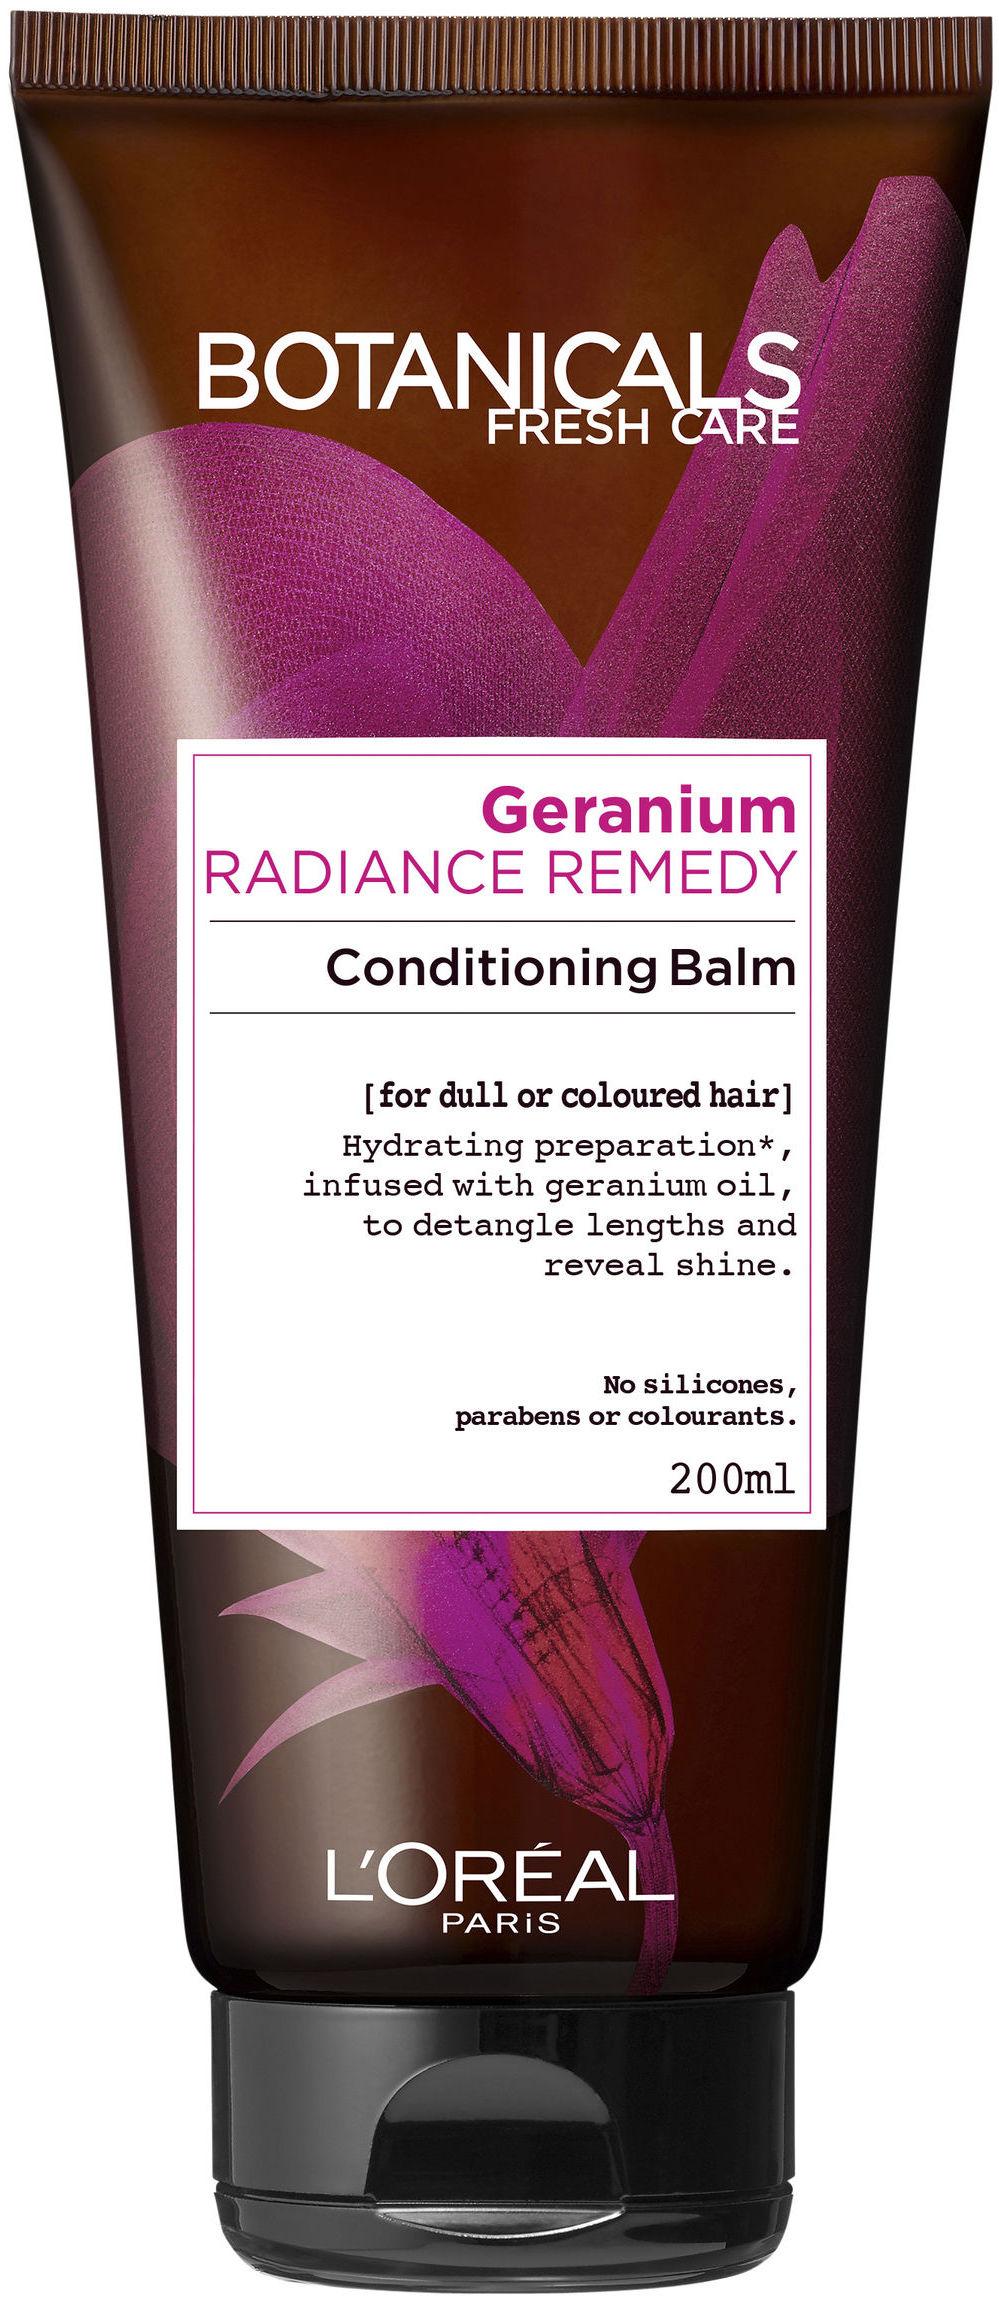 """מרכך לזוהר וברק לשיער צבוע 200 מ""""ל L'Oréal Paris Botanicals Fresh Care Geranium Radiance Remedy Conditioning Balm"""